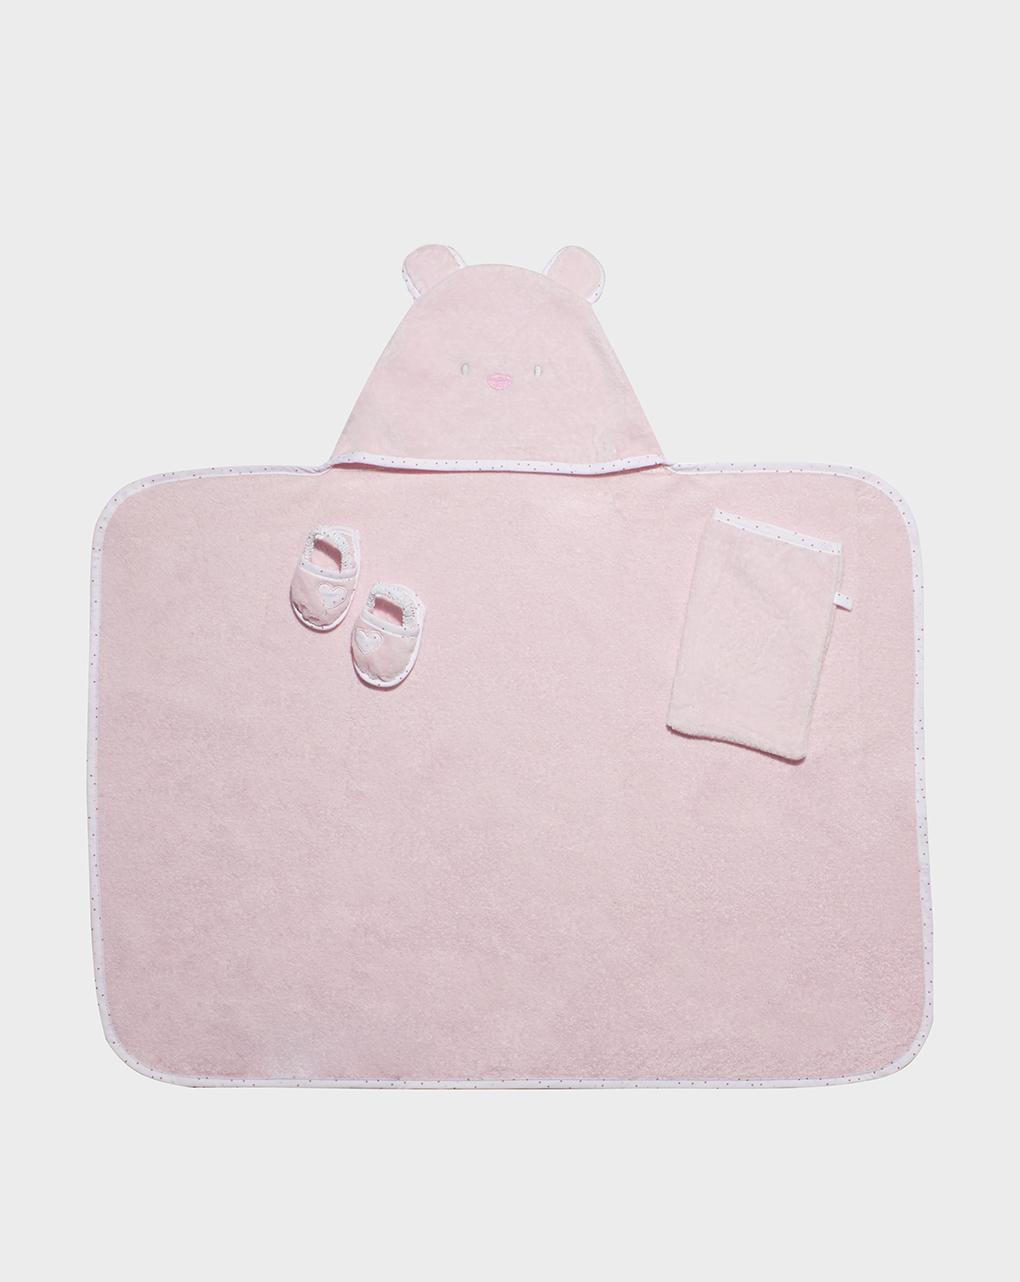 Μπουρνούζι Ροζ με Παντόφλες και Κουμπί για Κορίτσι